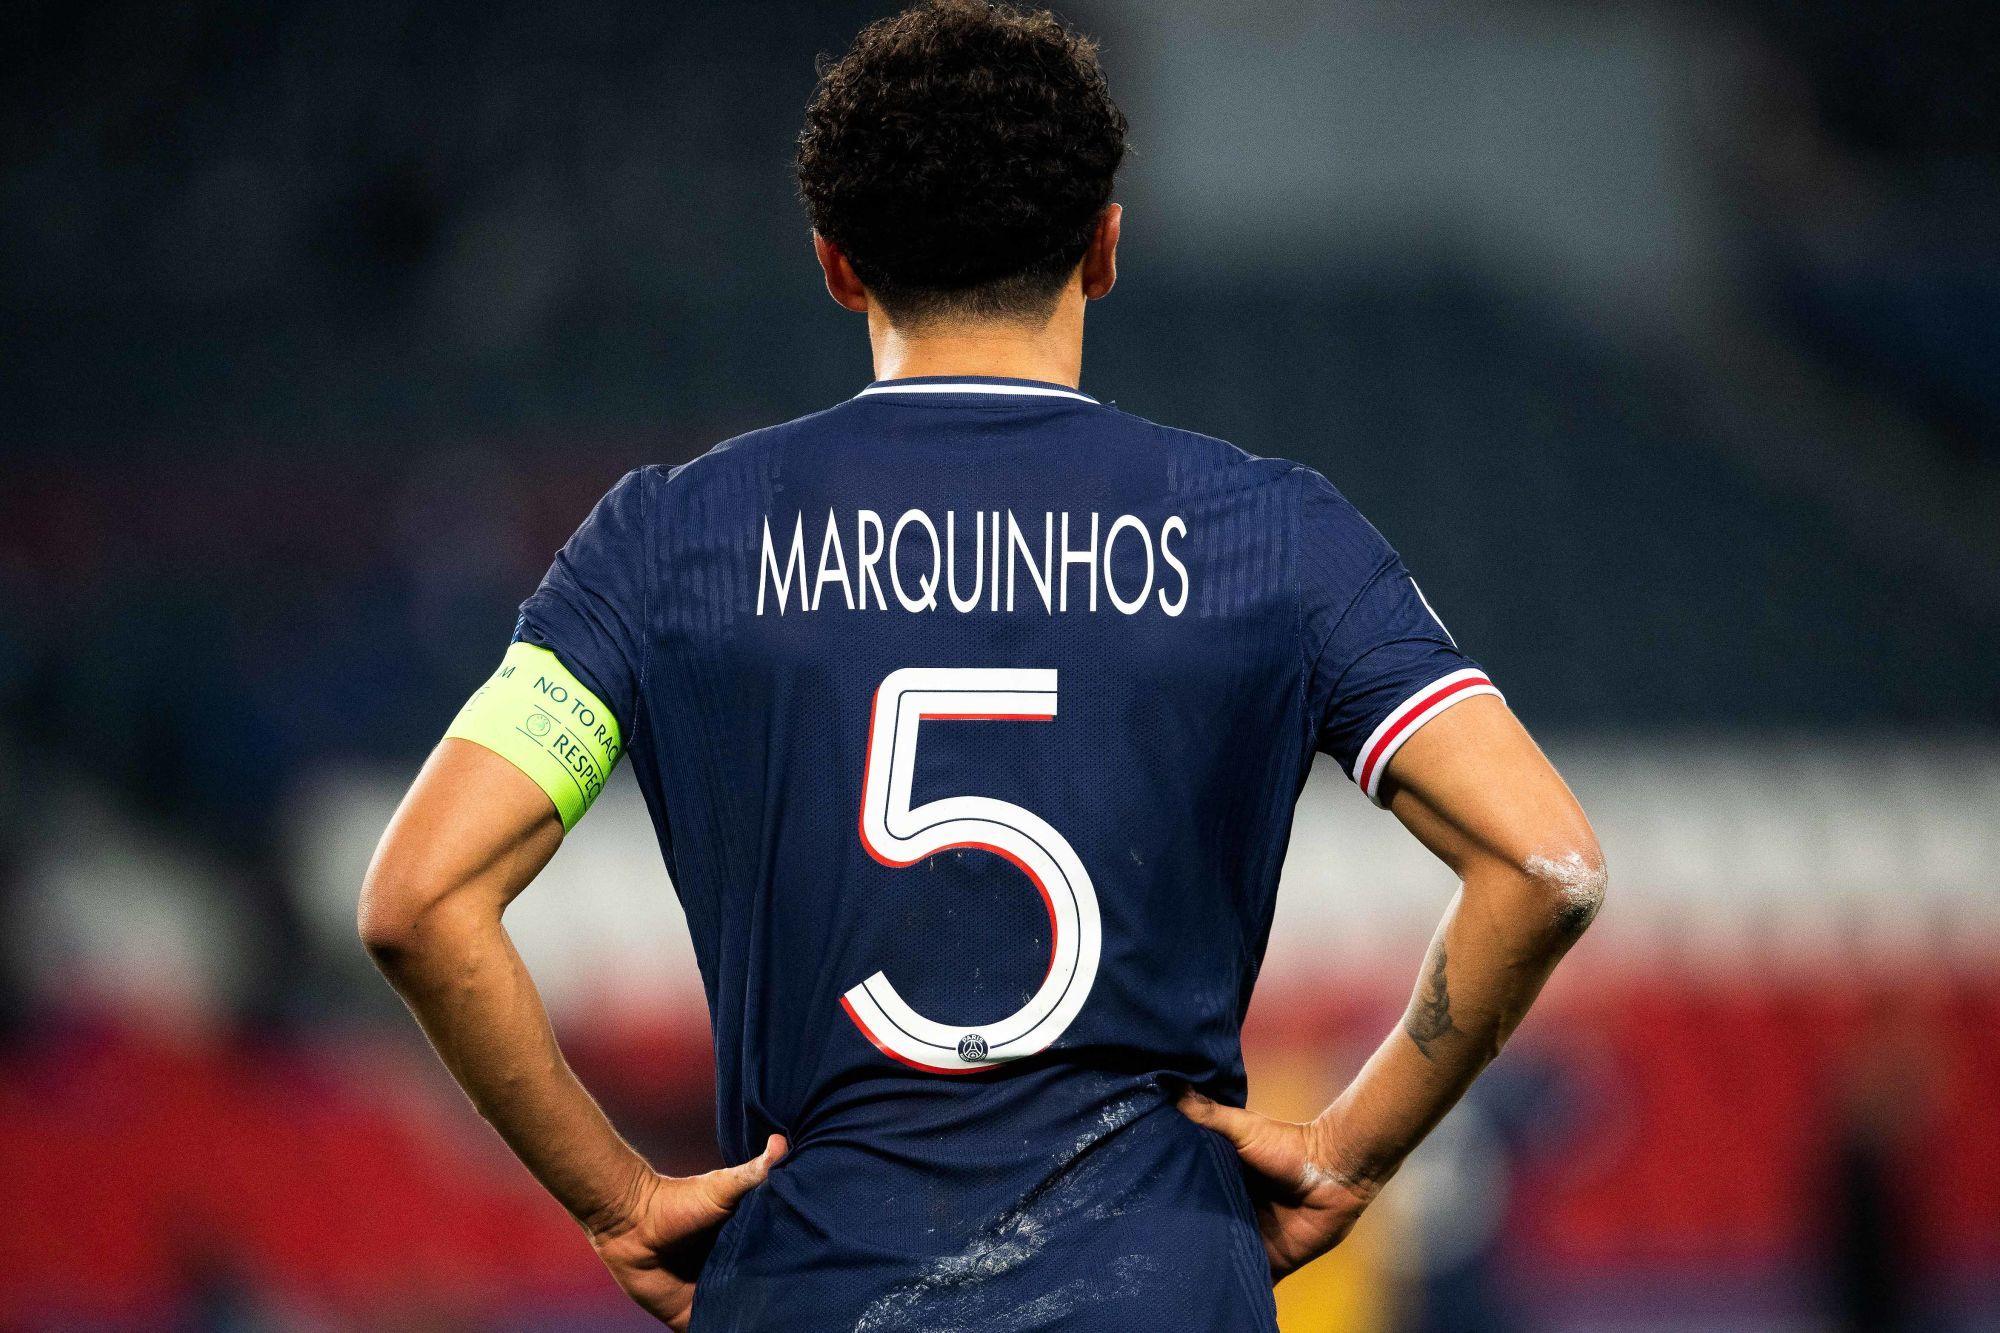 Marquinhos rejoint Mustapha Dalheb à la 8e place des joueurs les plus capés du PSG